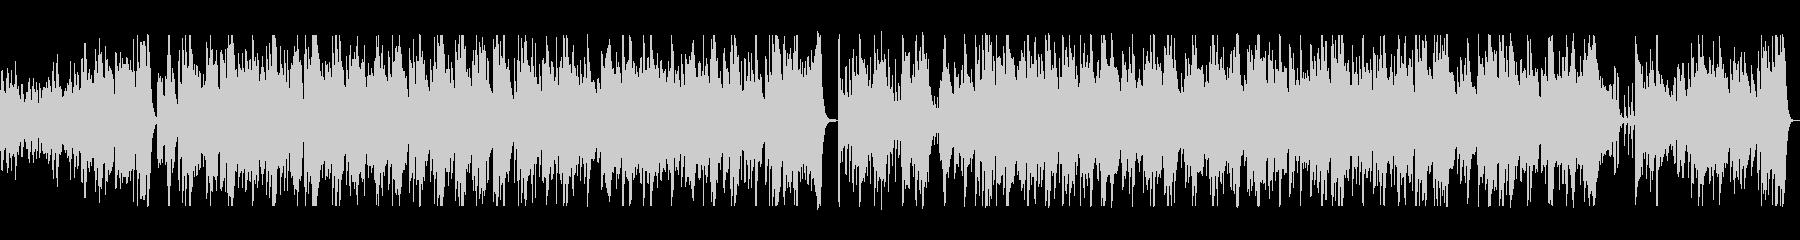 アコースティックギターの陽気なCM曲の未再生の波形